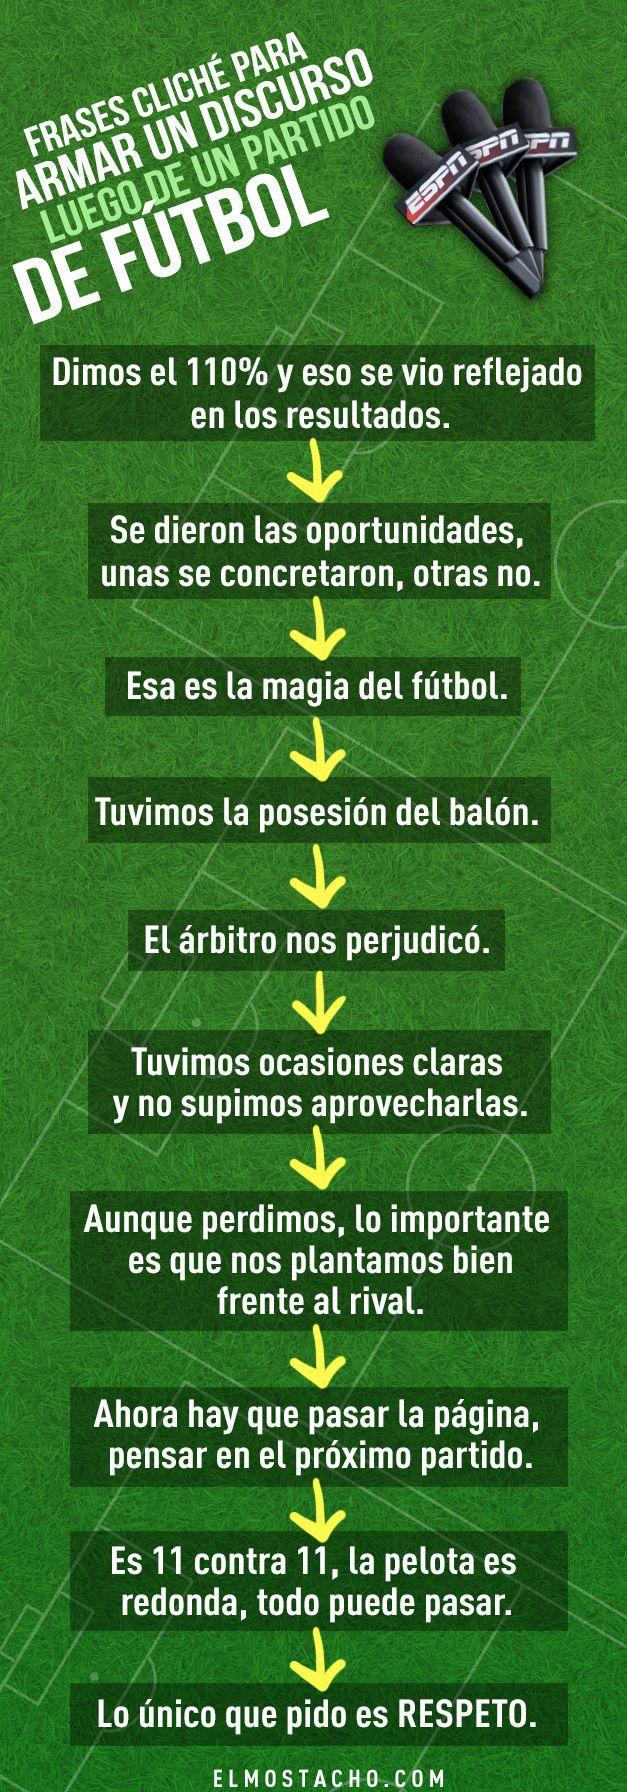 Frases Clichés Para Declarar Luego De Un Partido De Fútbol